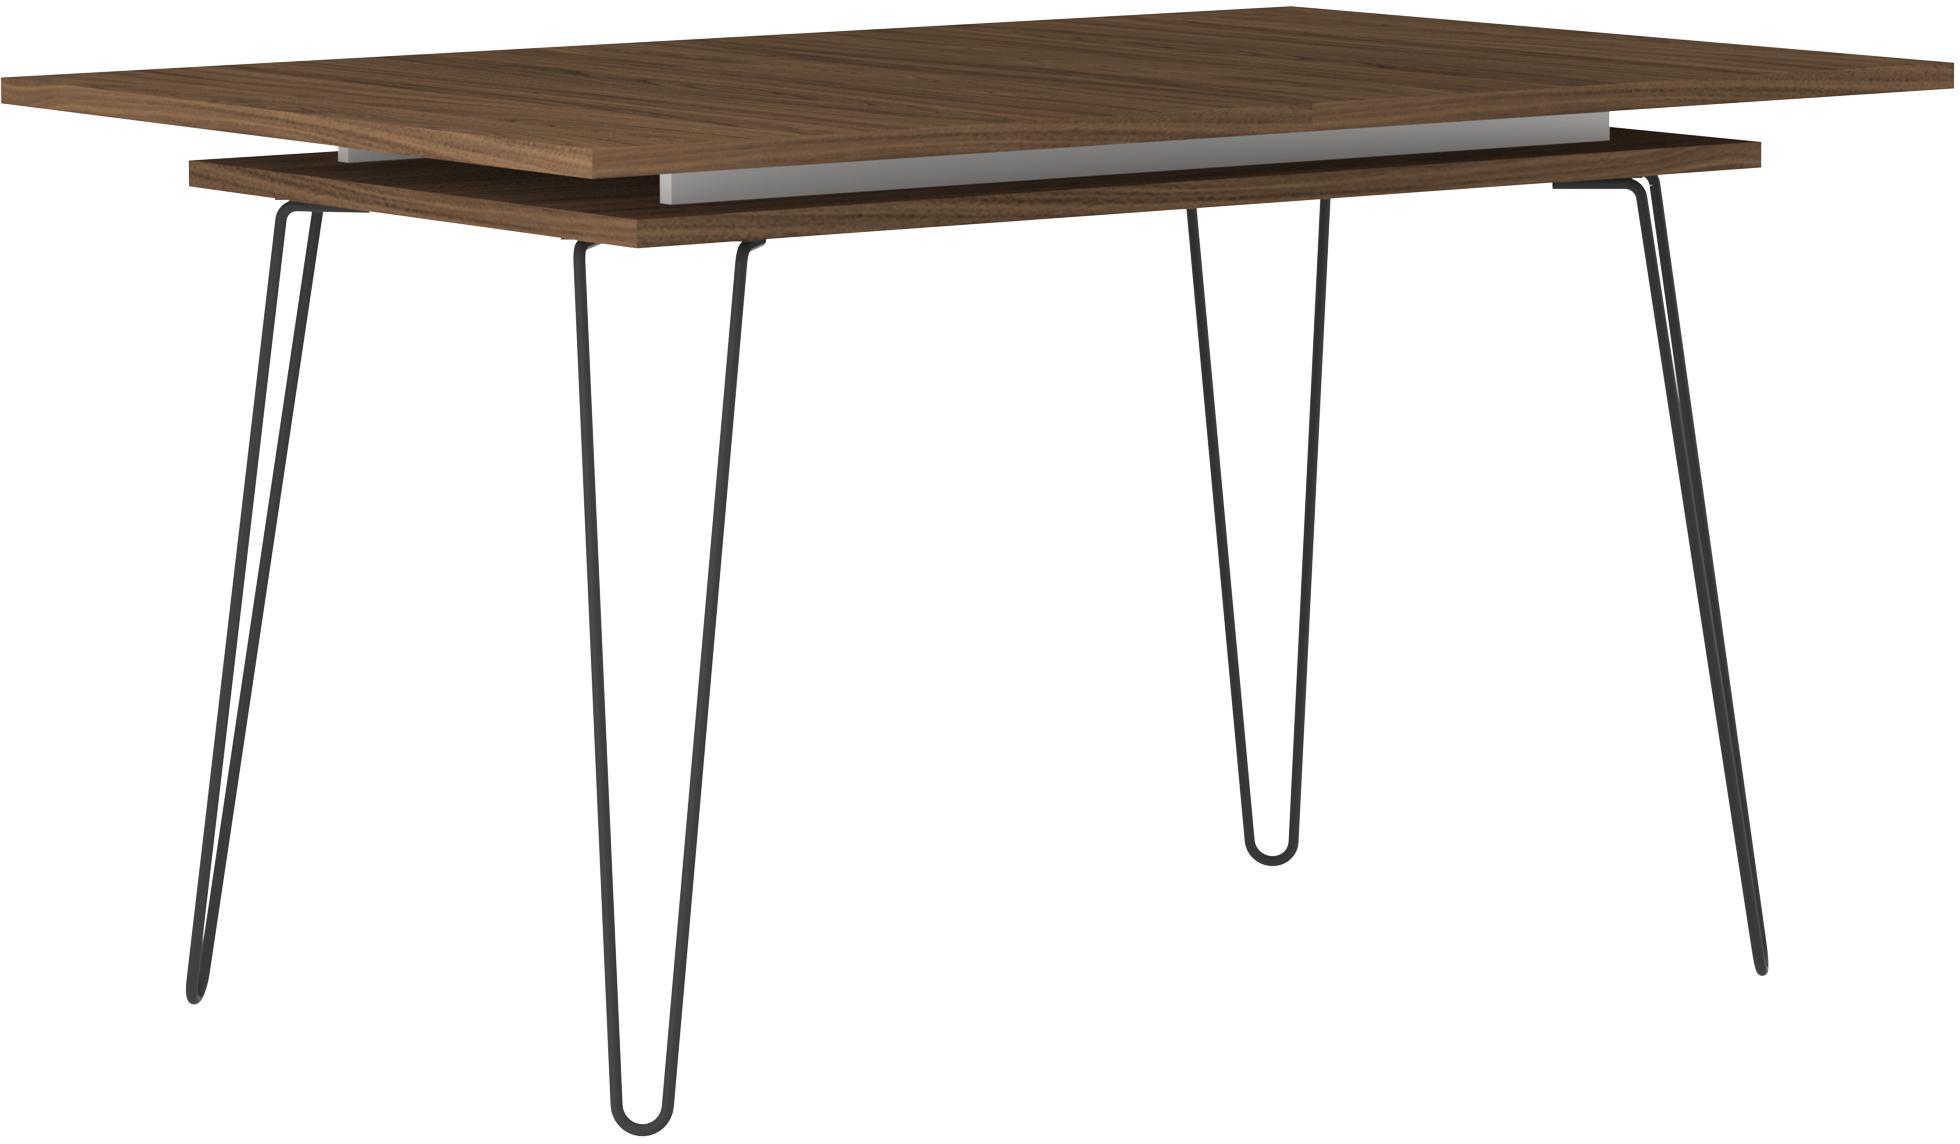 Stół rozkładany do jadalni Aero, Nogi: metal lakierowany, Drewno orzecha włoskiego, S 134 - 174 x G 90 cm